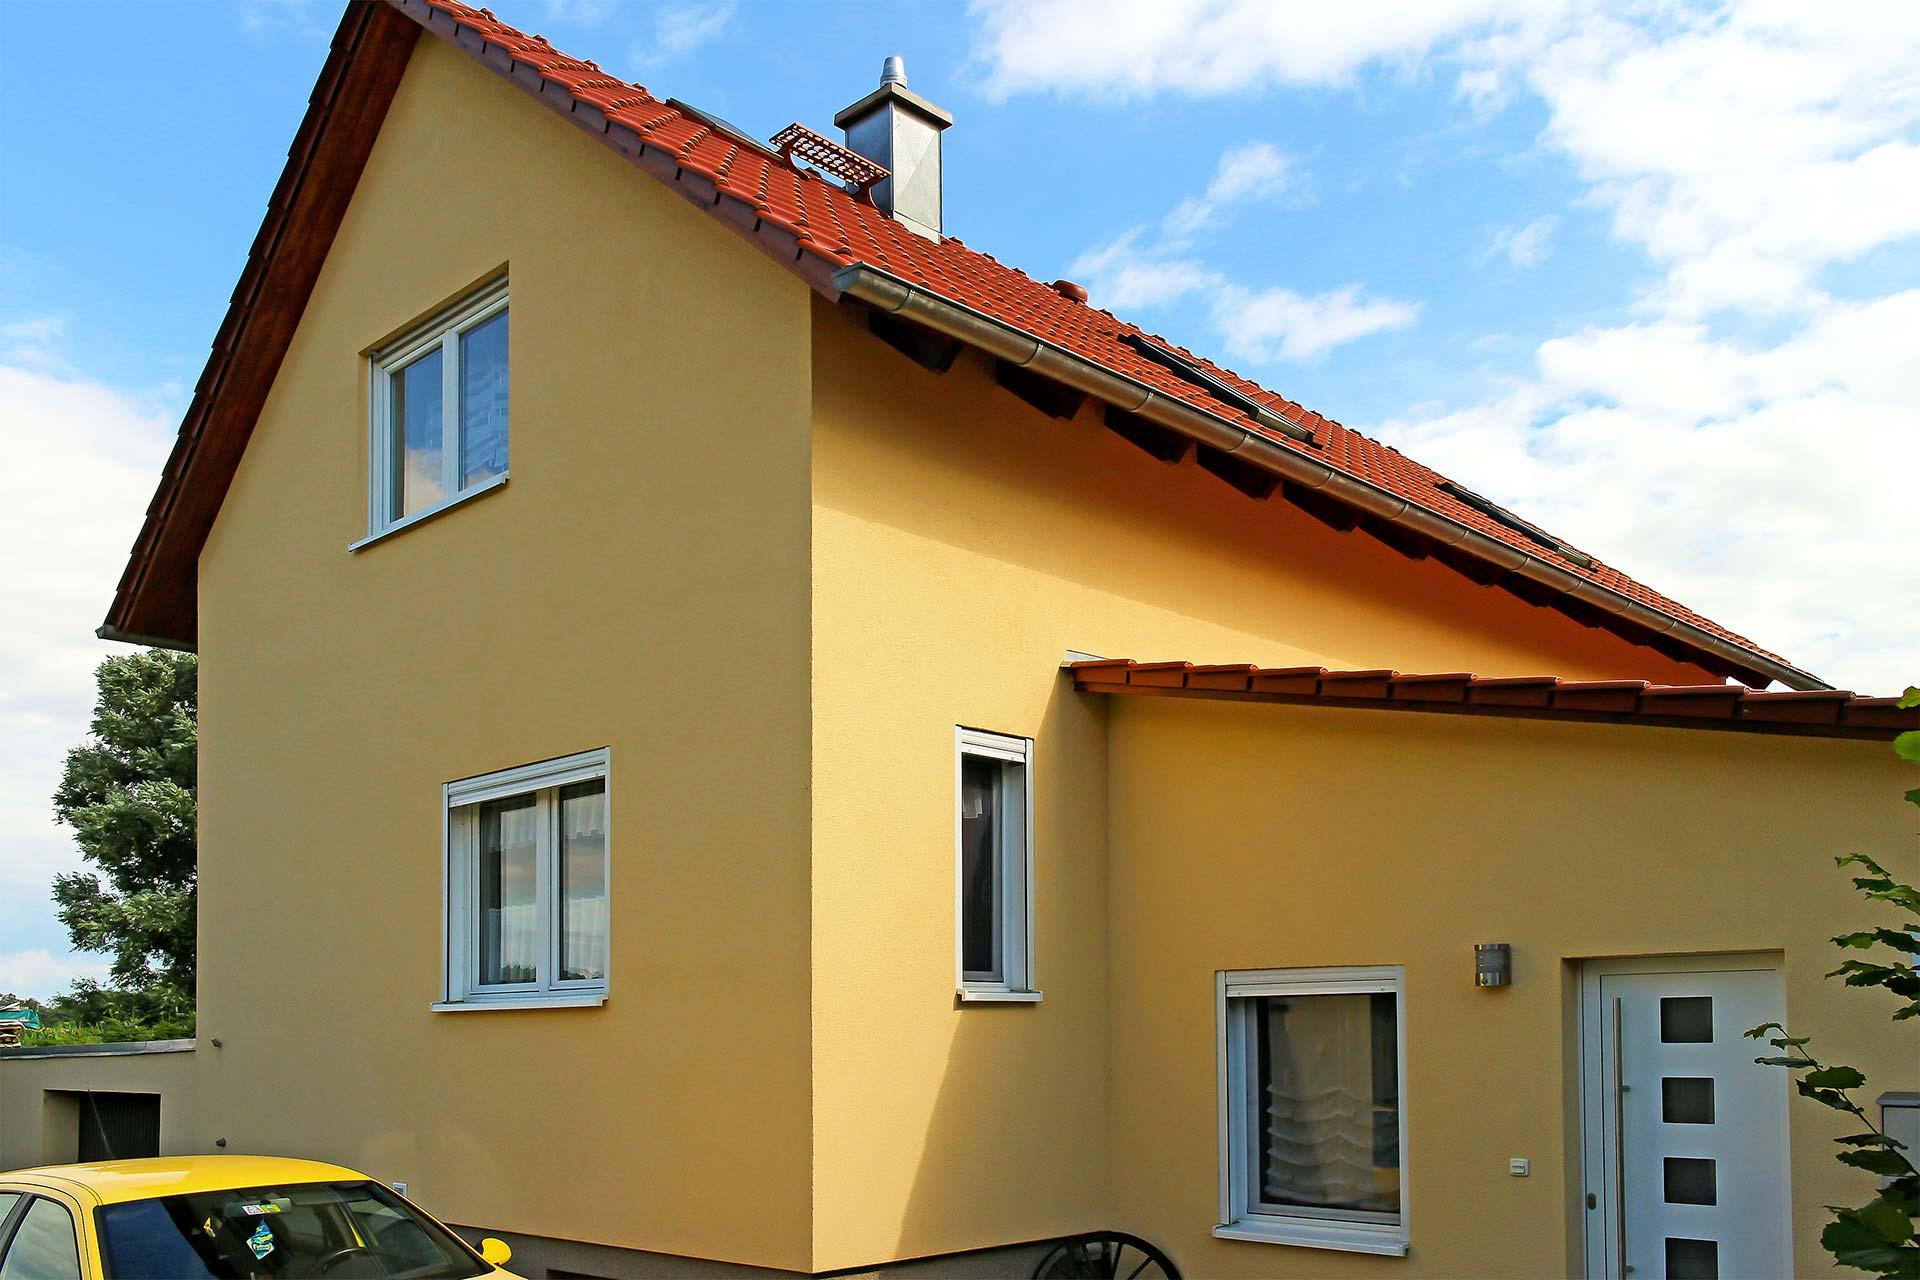 Dämmung und Außenputz eines Wohnhauses - Nachher